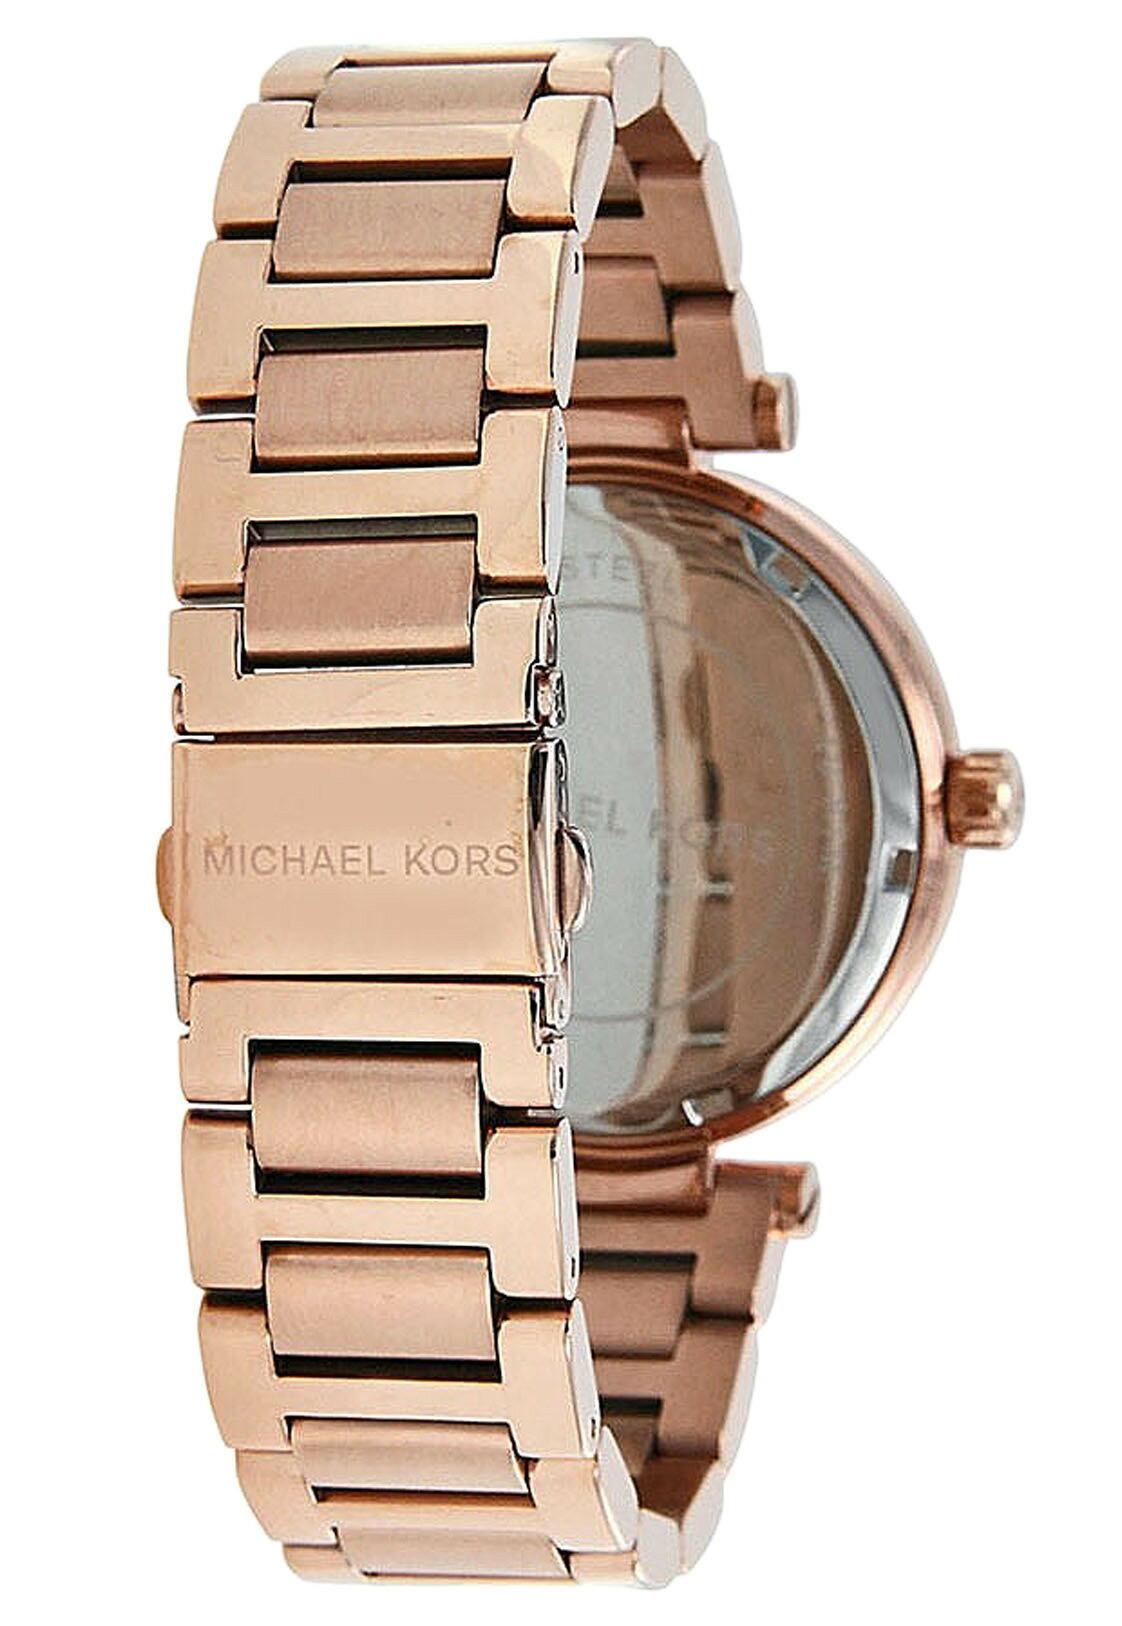 美國Outlet正品代購 MichaelKors MK 復古羅馬數字玫瑰金水鑽  陶瓷  三環 手錶 腕錶 MK5868 4